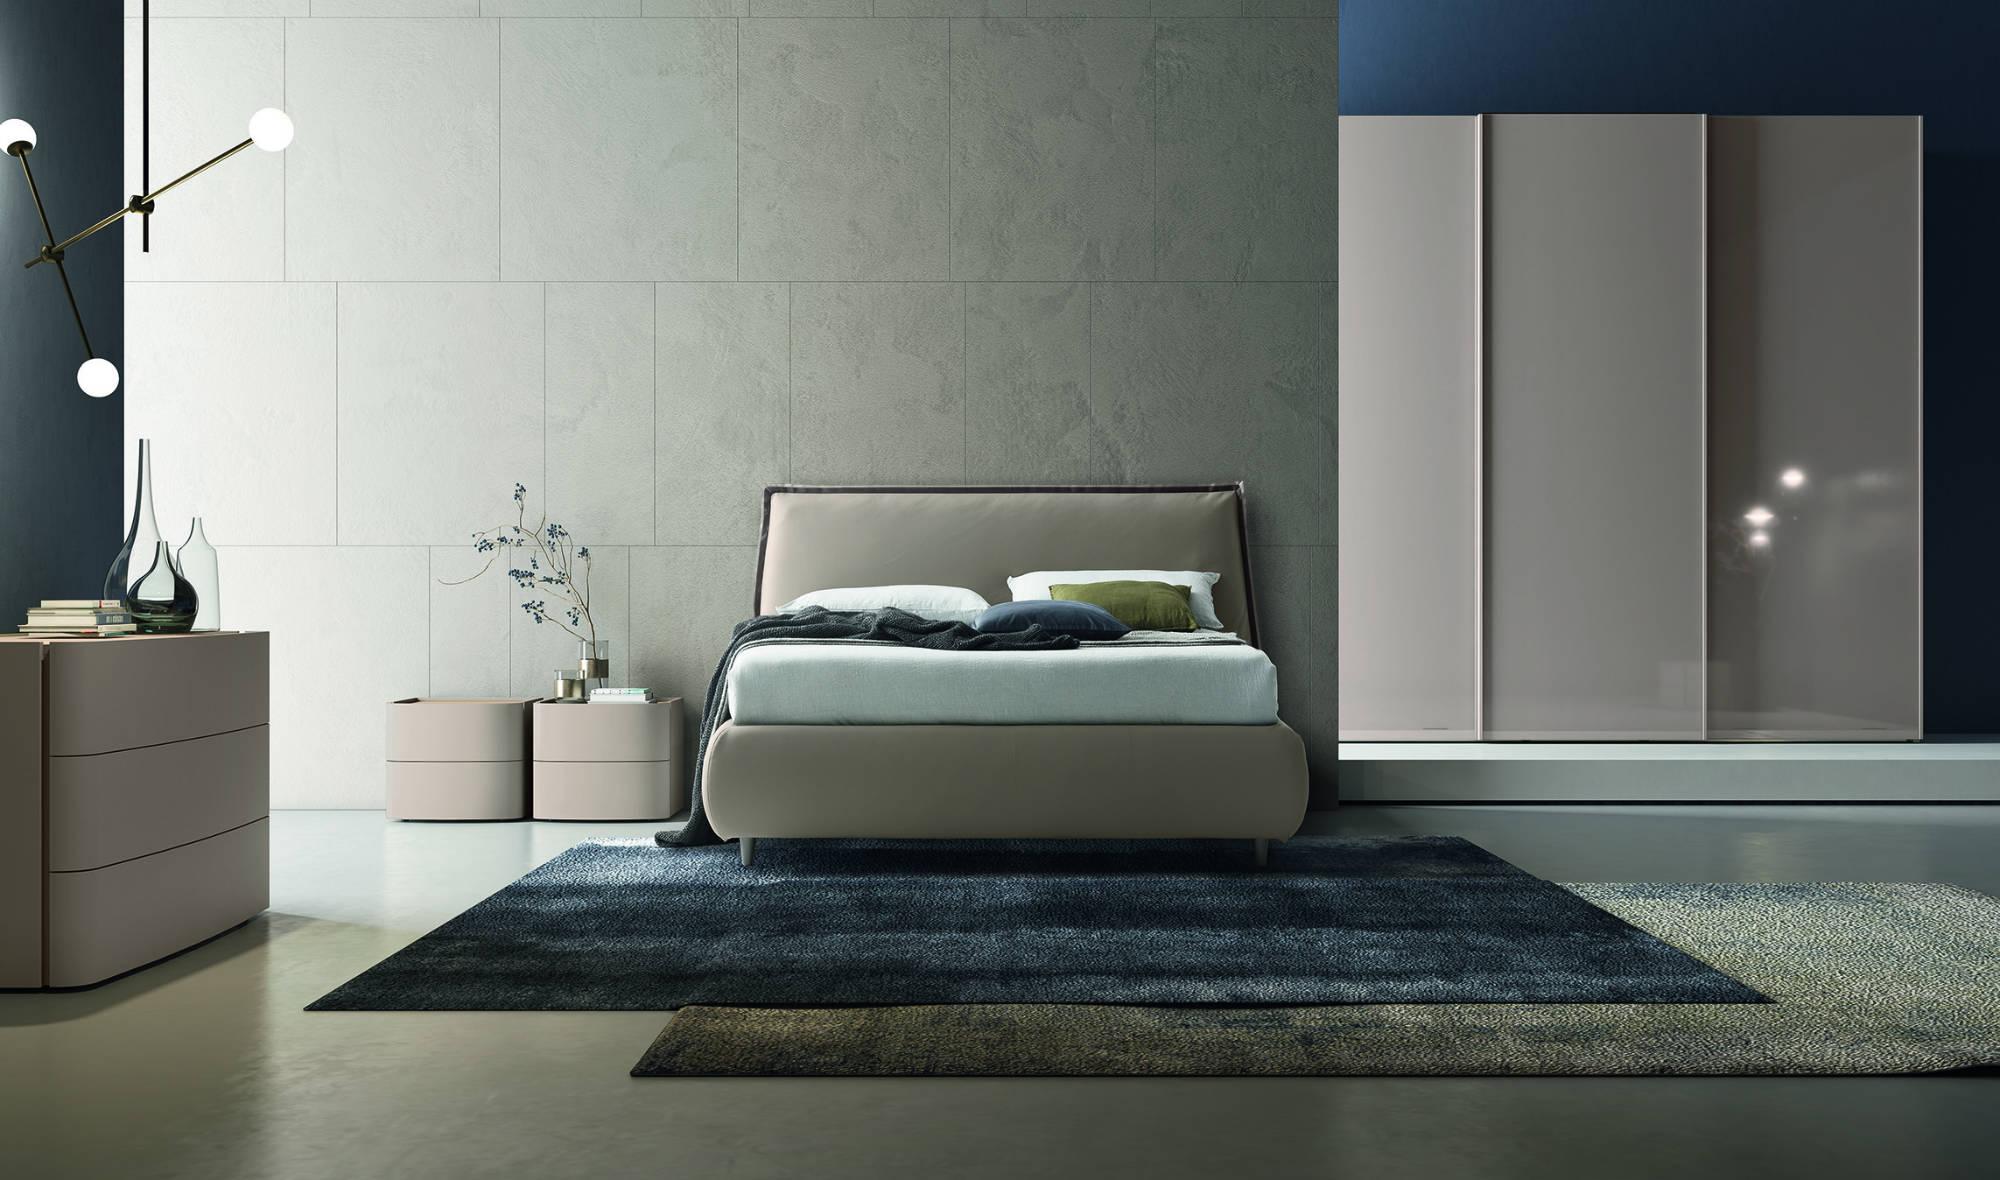 Camere da letto Quarrata – Arredamenti Michelozzi